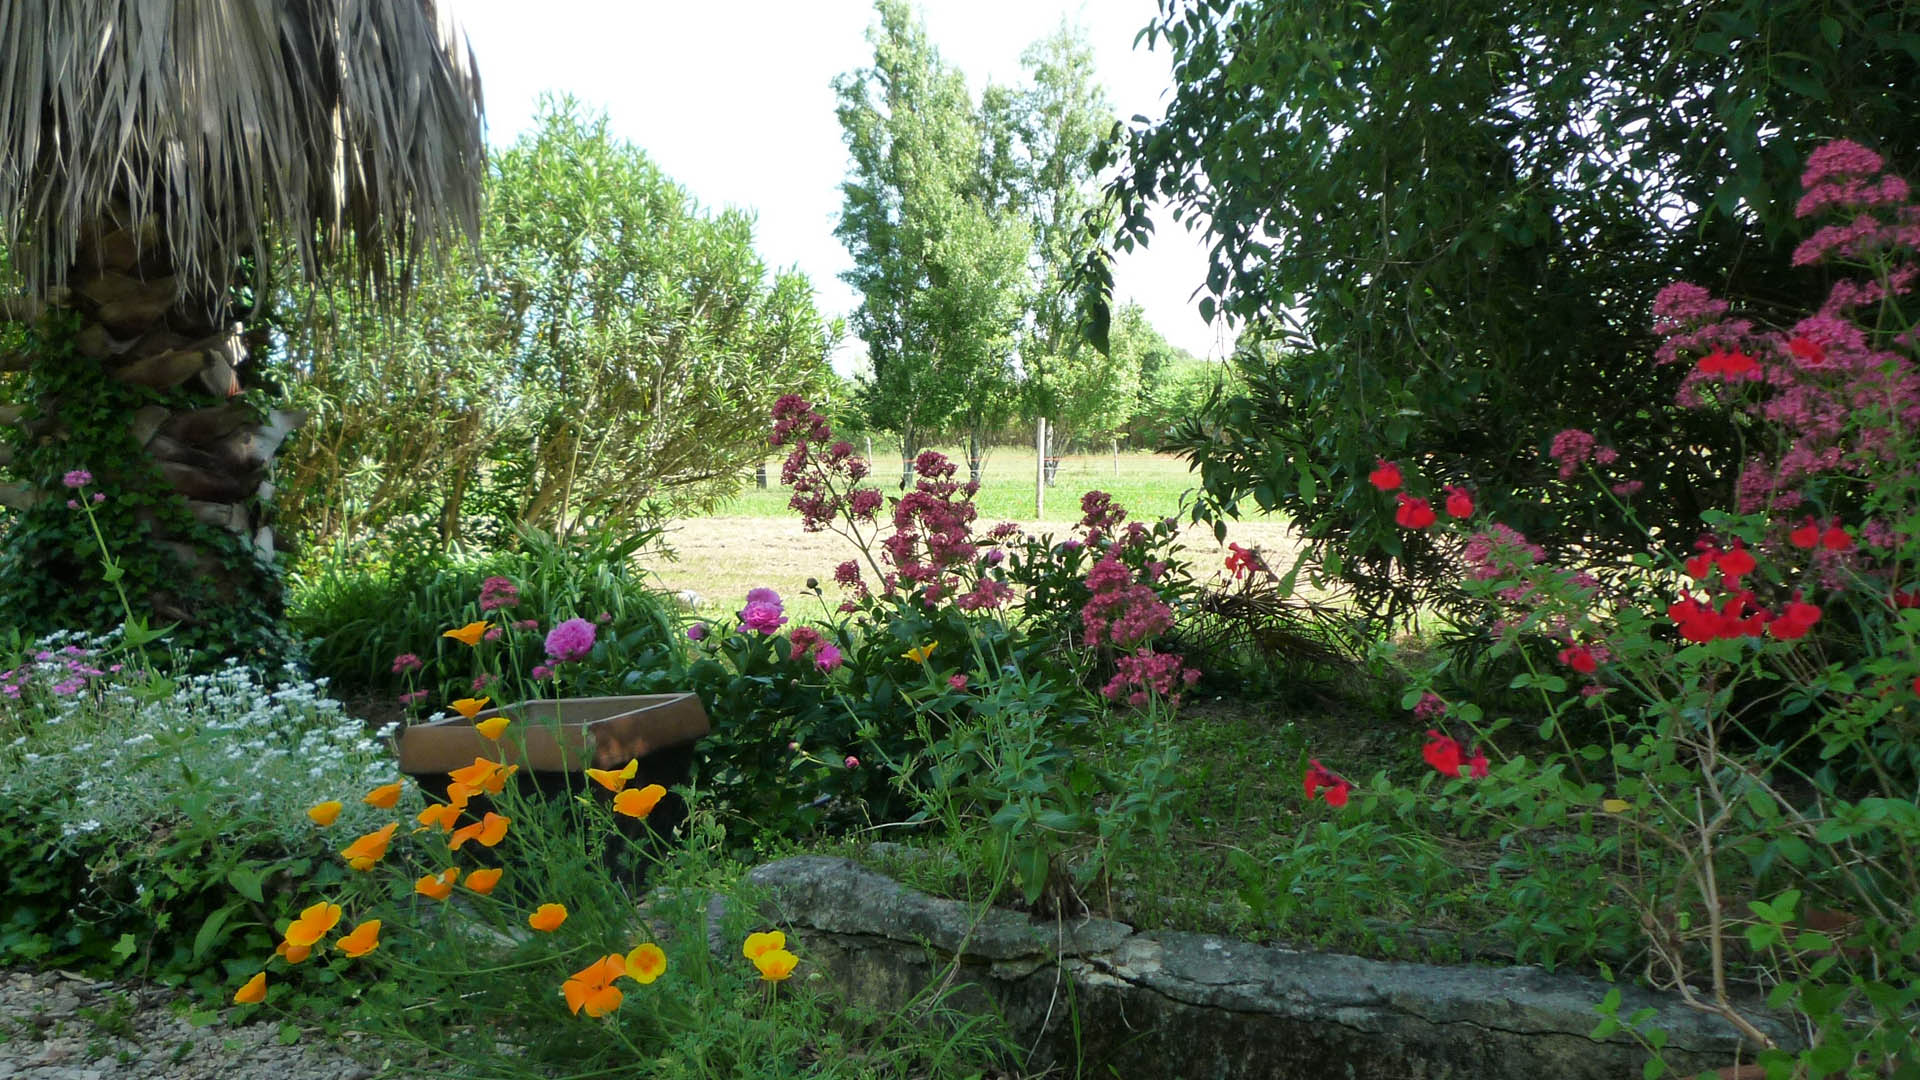 le-jardin-en-fleur-de-mai-a-octobre-gite-mas-de-la-chouette ...